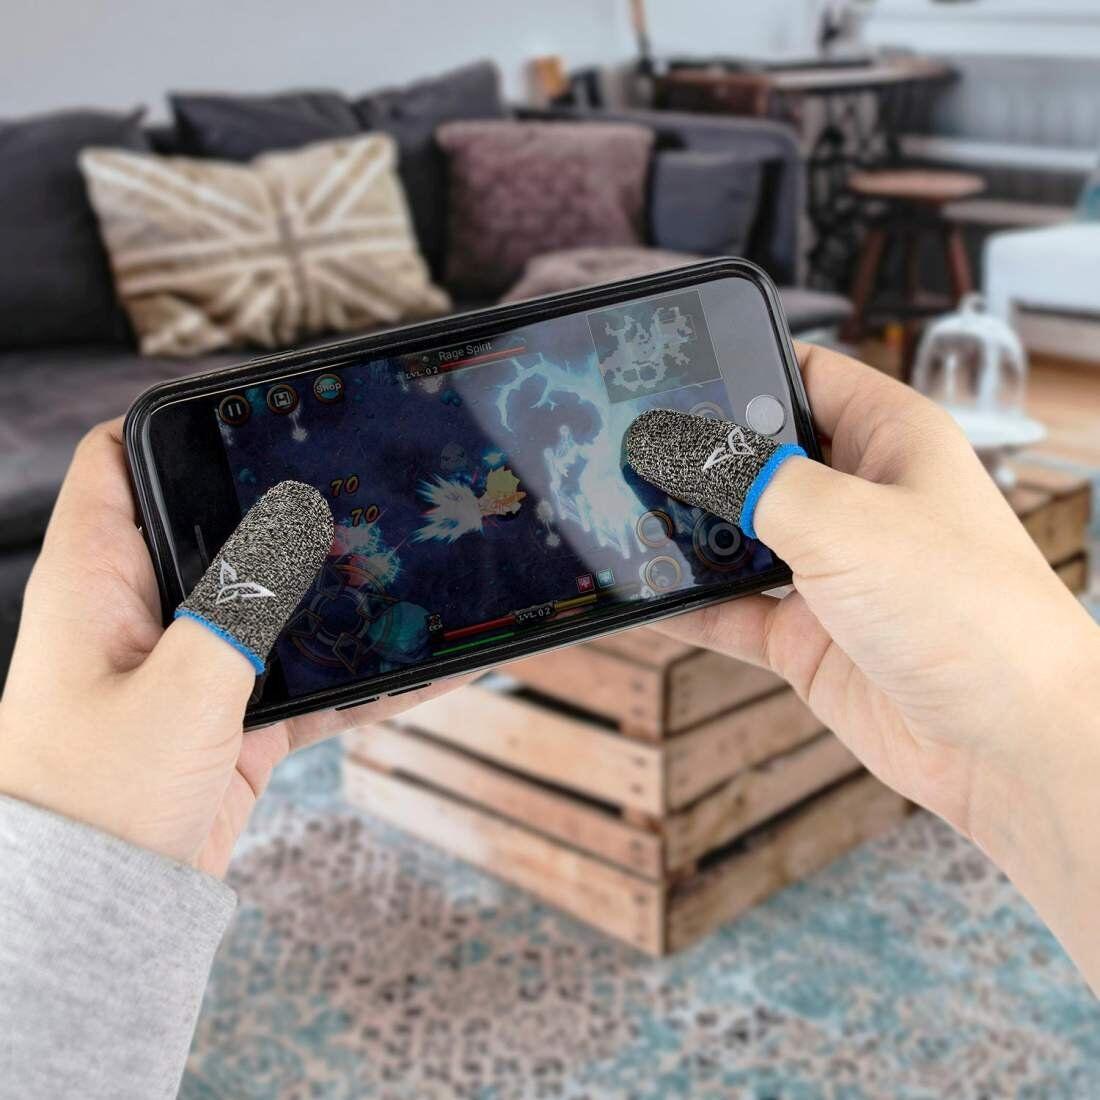 eStore 2x Fingertuppbeskyttere for Gaming - Sølvfiber